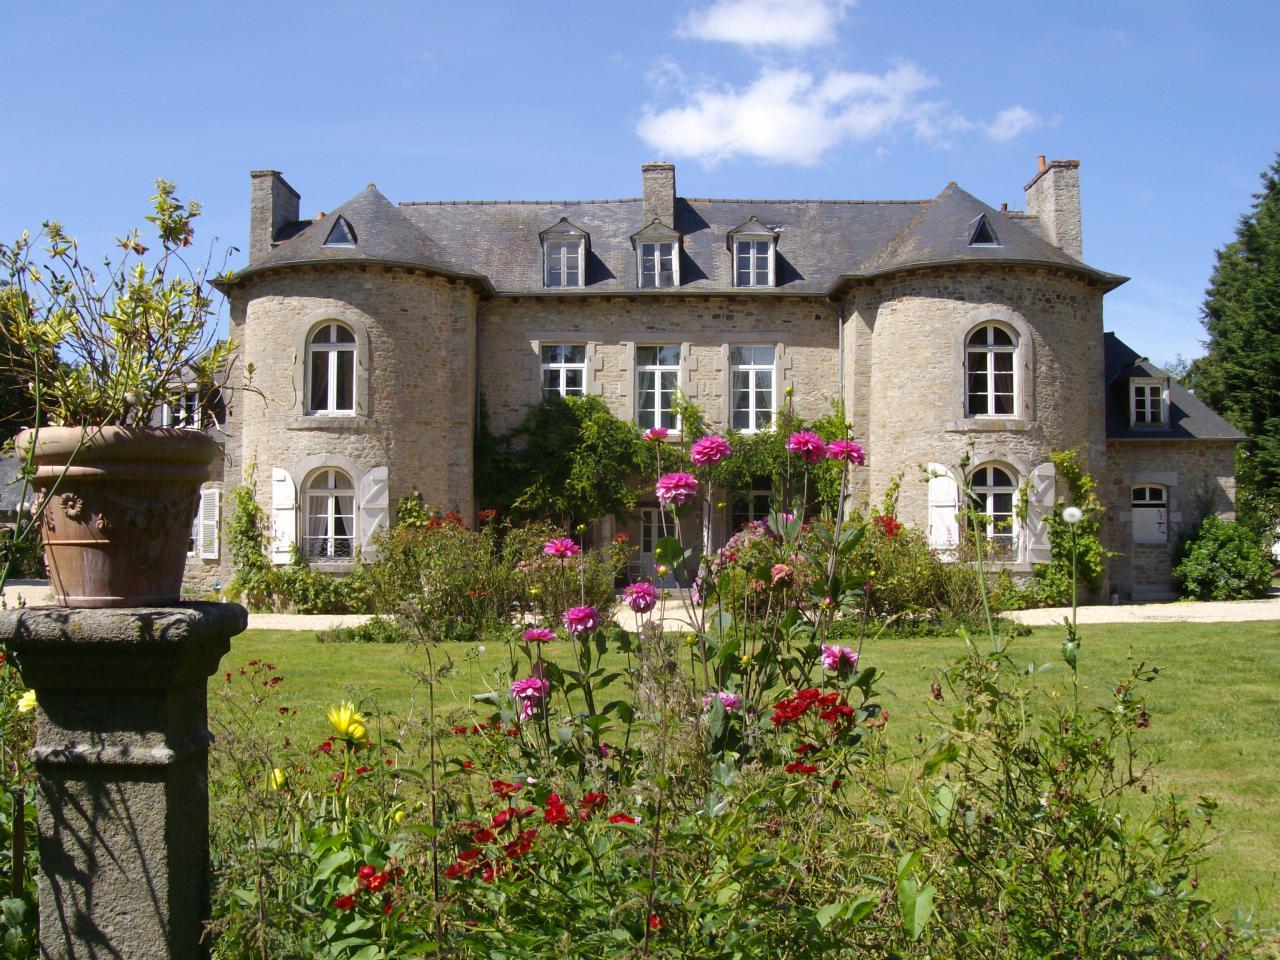 Château de Bel-Air à Dinan, gîte et chambres d'hôtes de charme